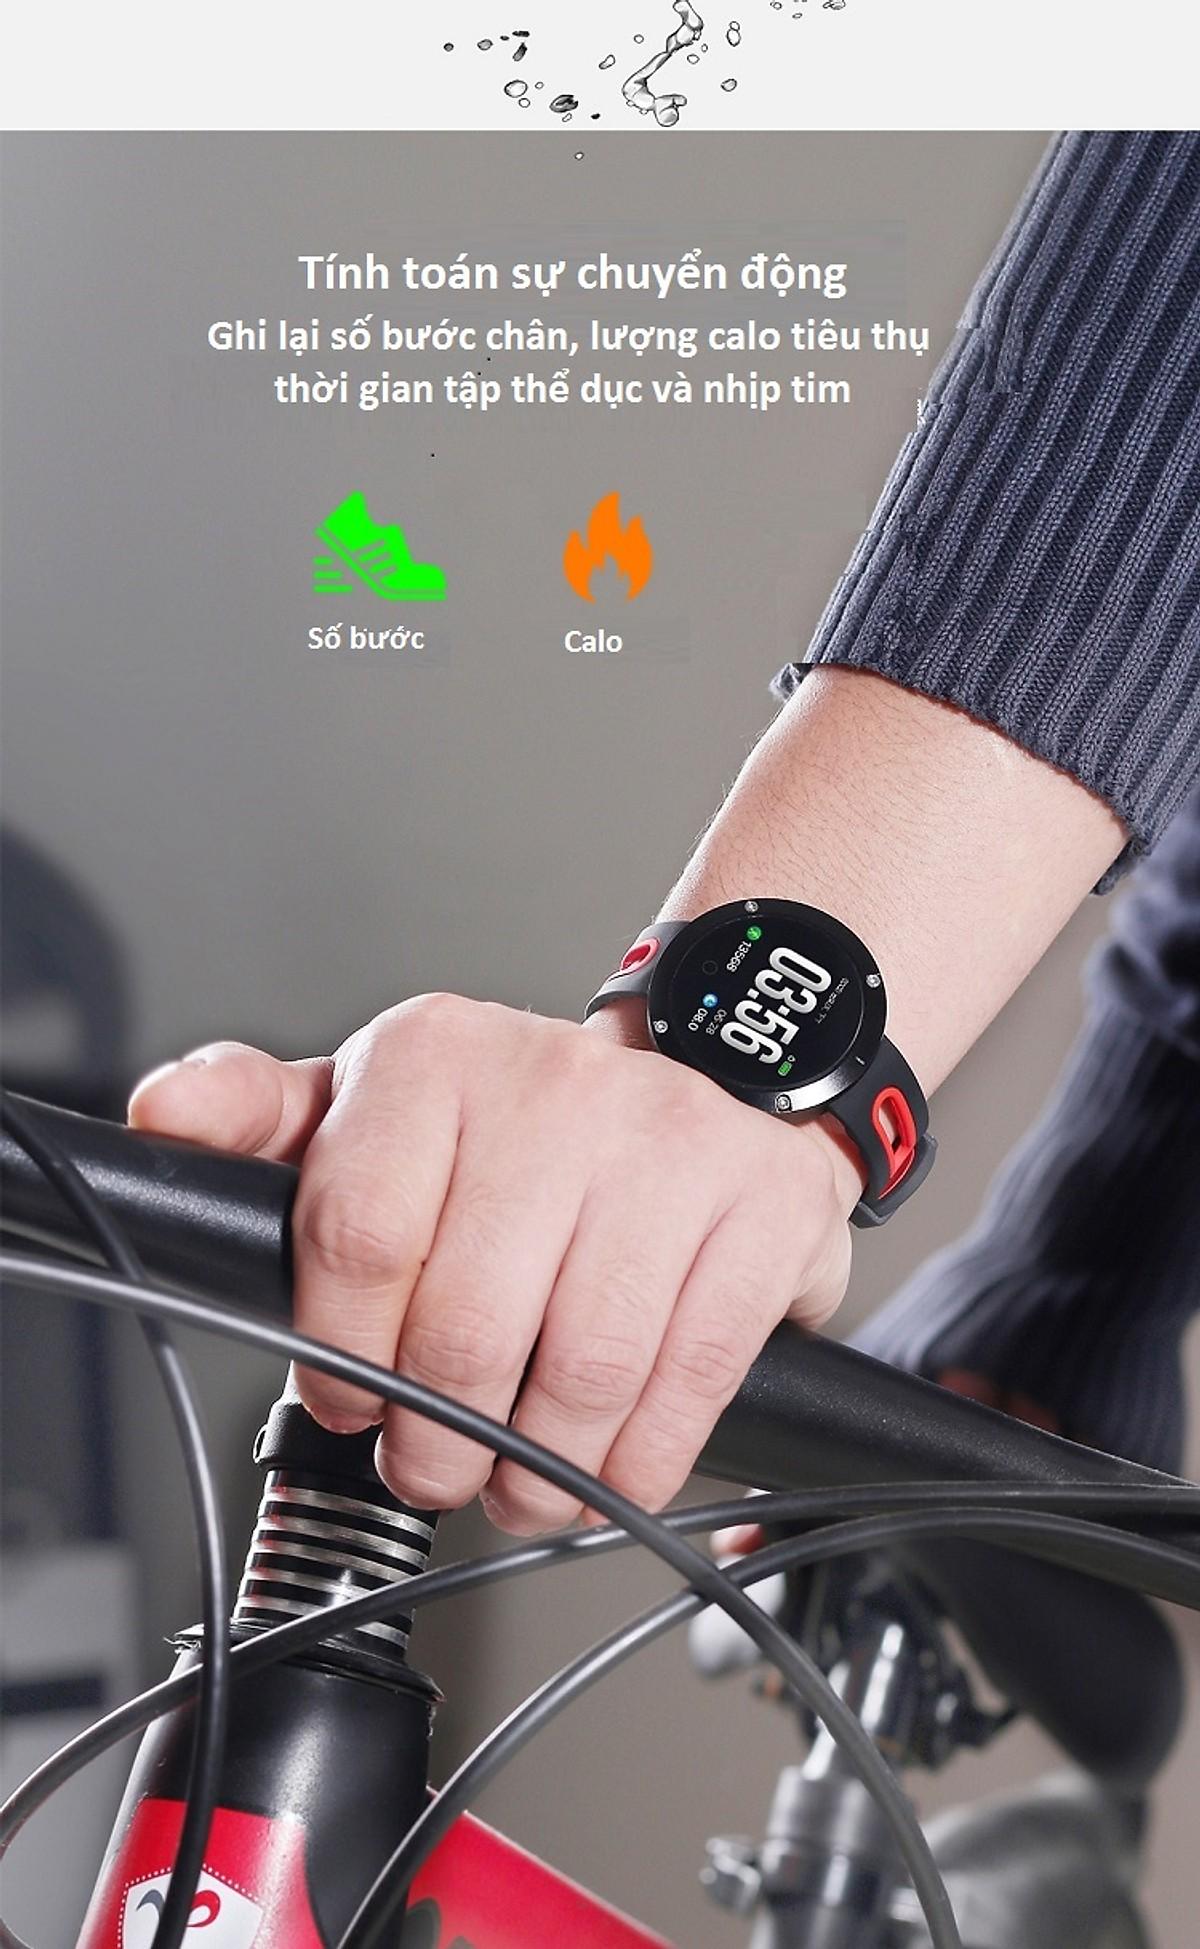 DM-58PLUS Đồng Hồ Thông Minh Nam Nữ Bluetooth Thể Thao Chống Nước Dây Đo Sức Đi Bộ Ngoài Trời